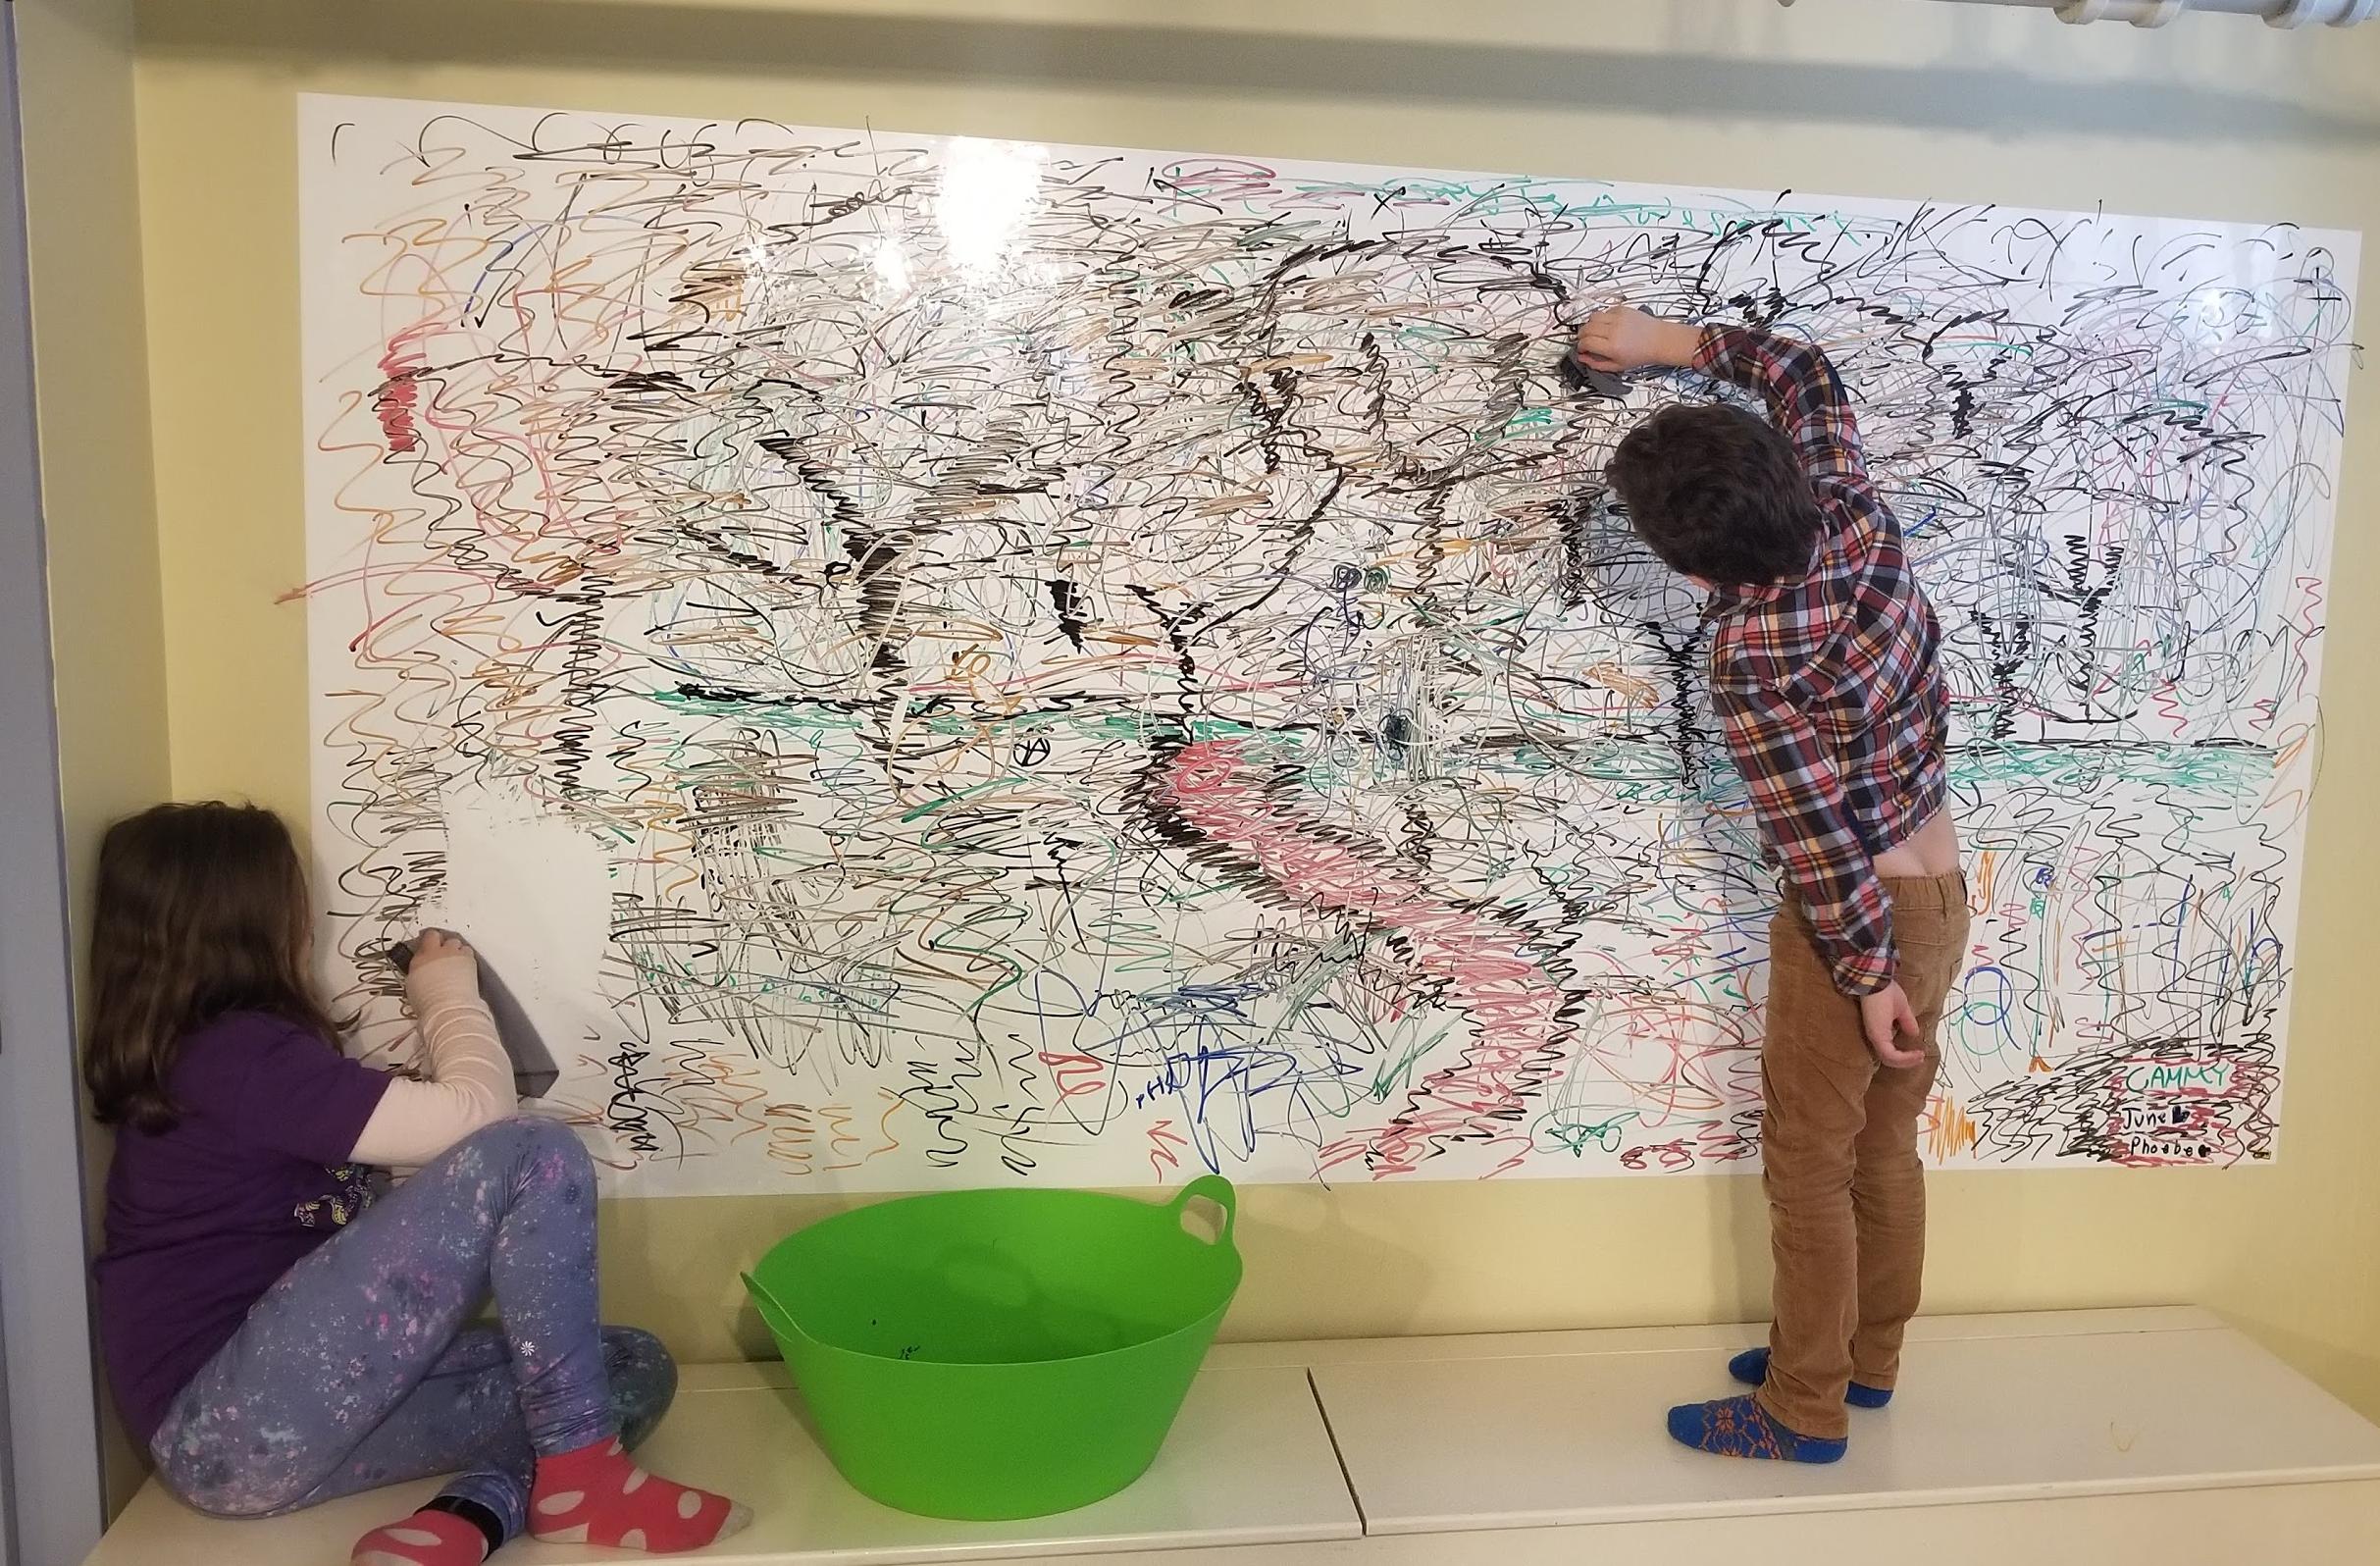 3M white board